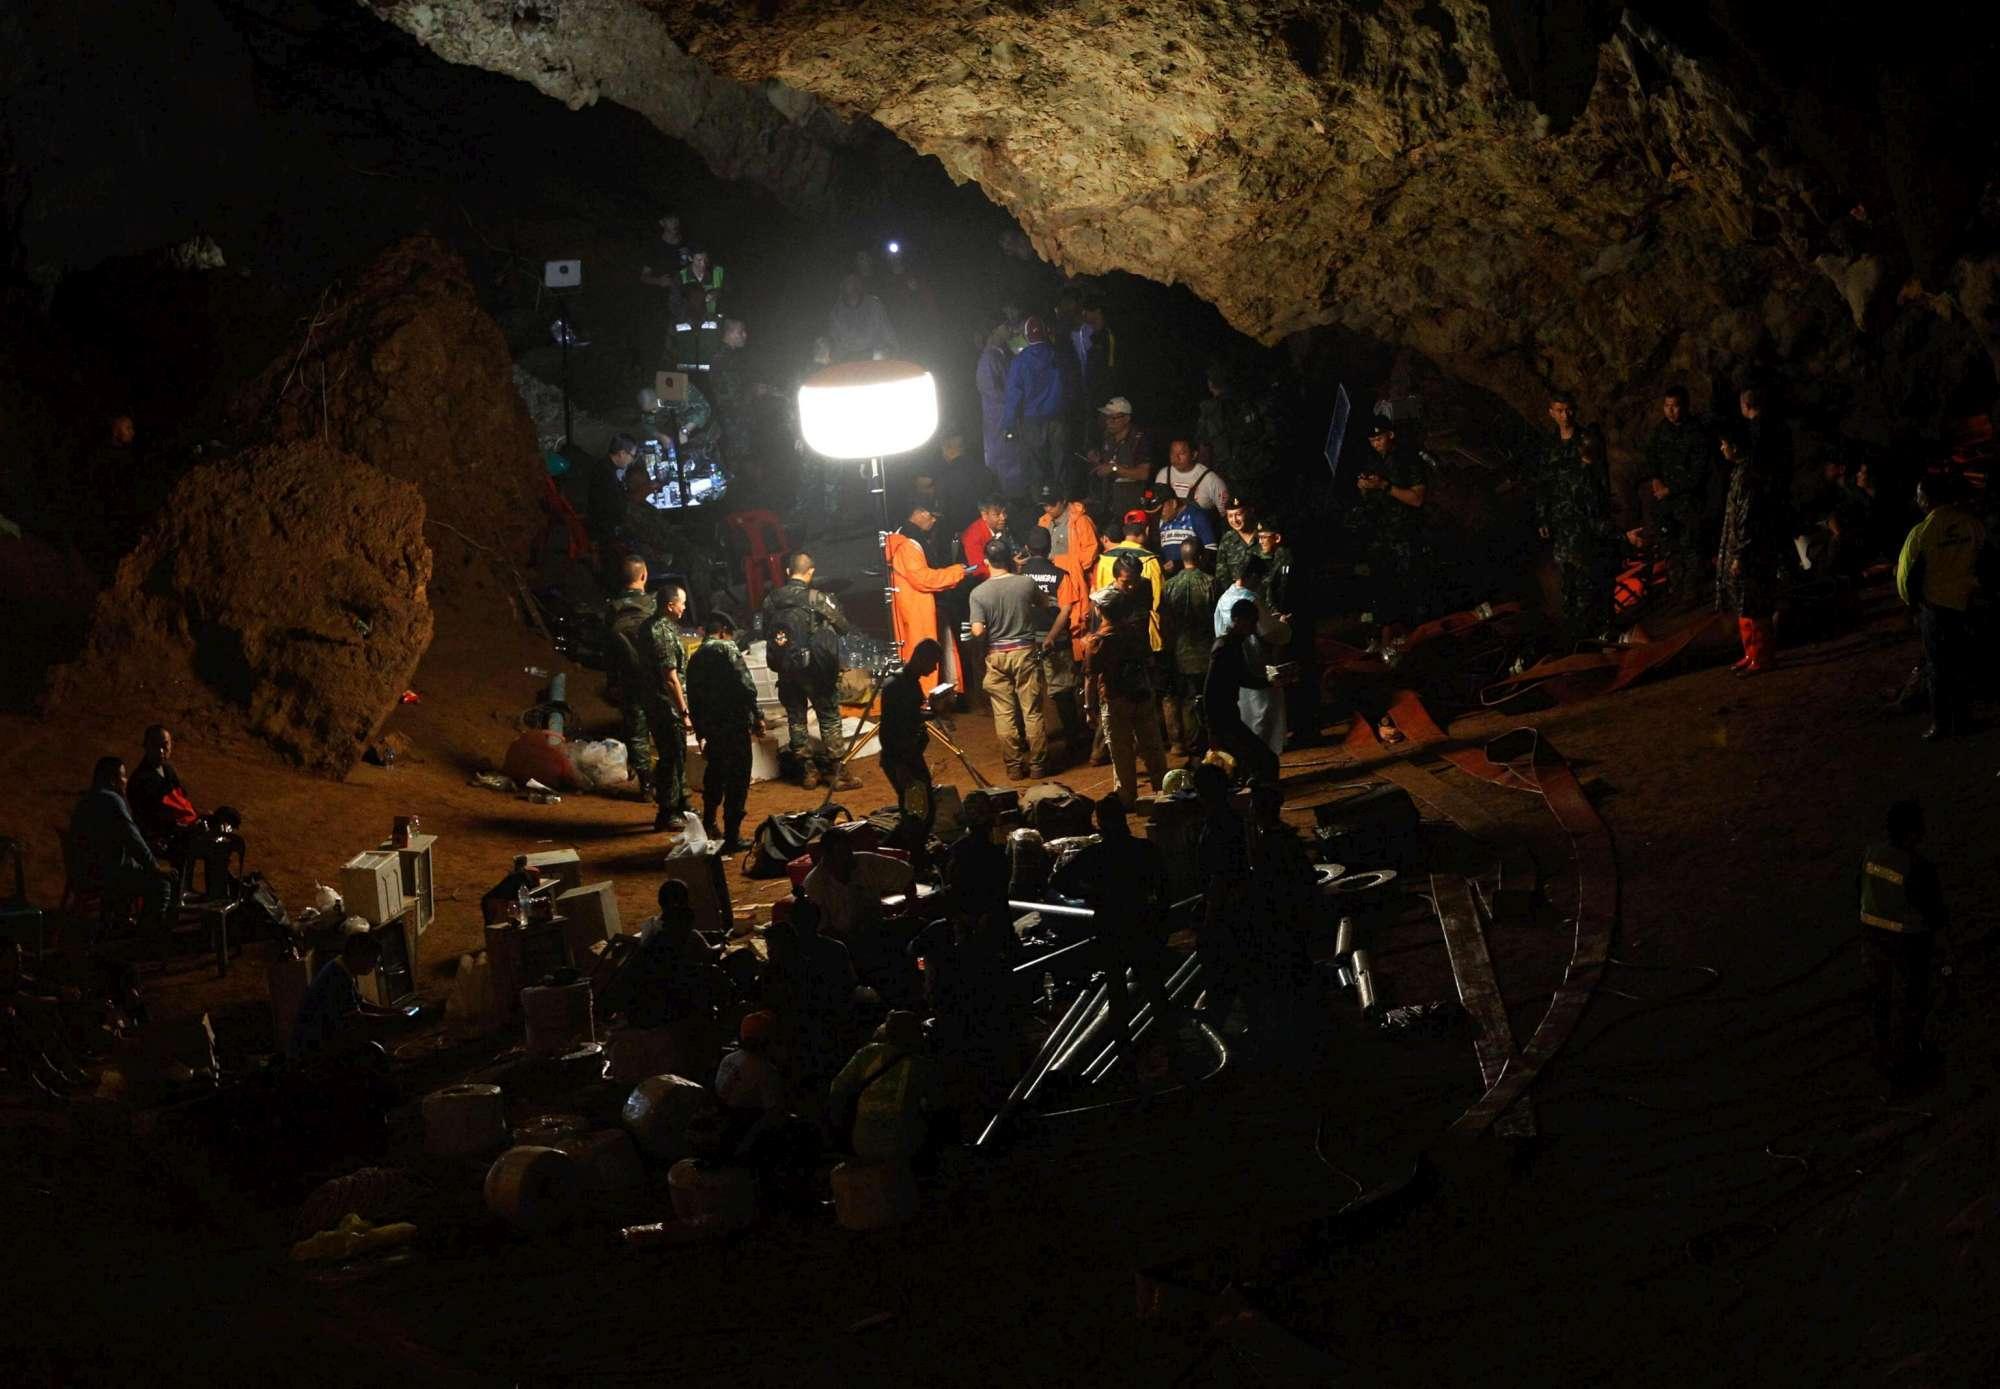 Thailandia, piogge torrenziali ostacolano i soccorsi: giovani bloccati in grotta